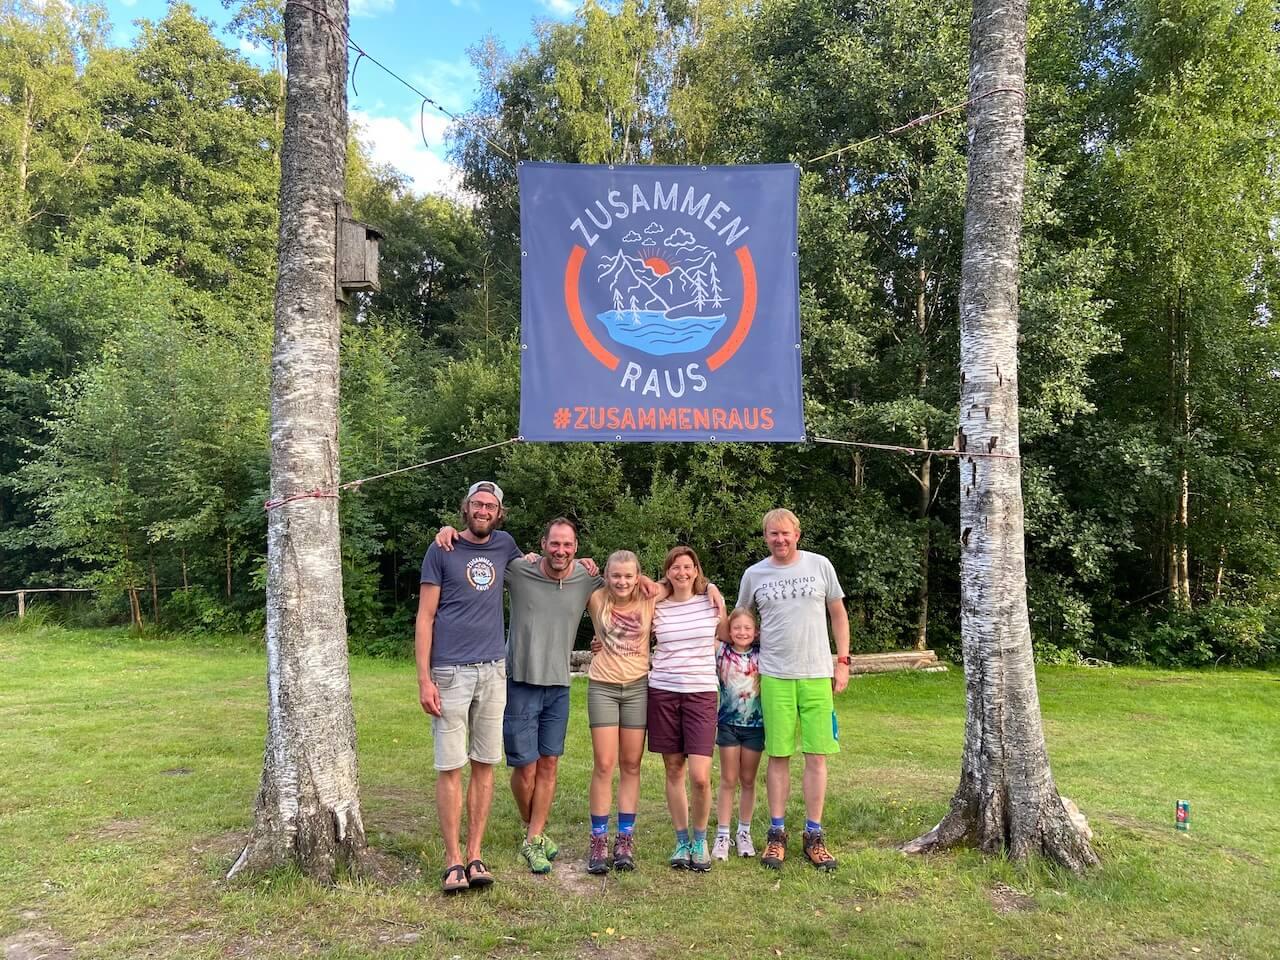 Mit Kind und Kanu unterwegs: So gelingt der Aktivurlaub mit Kindern 1